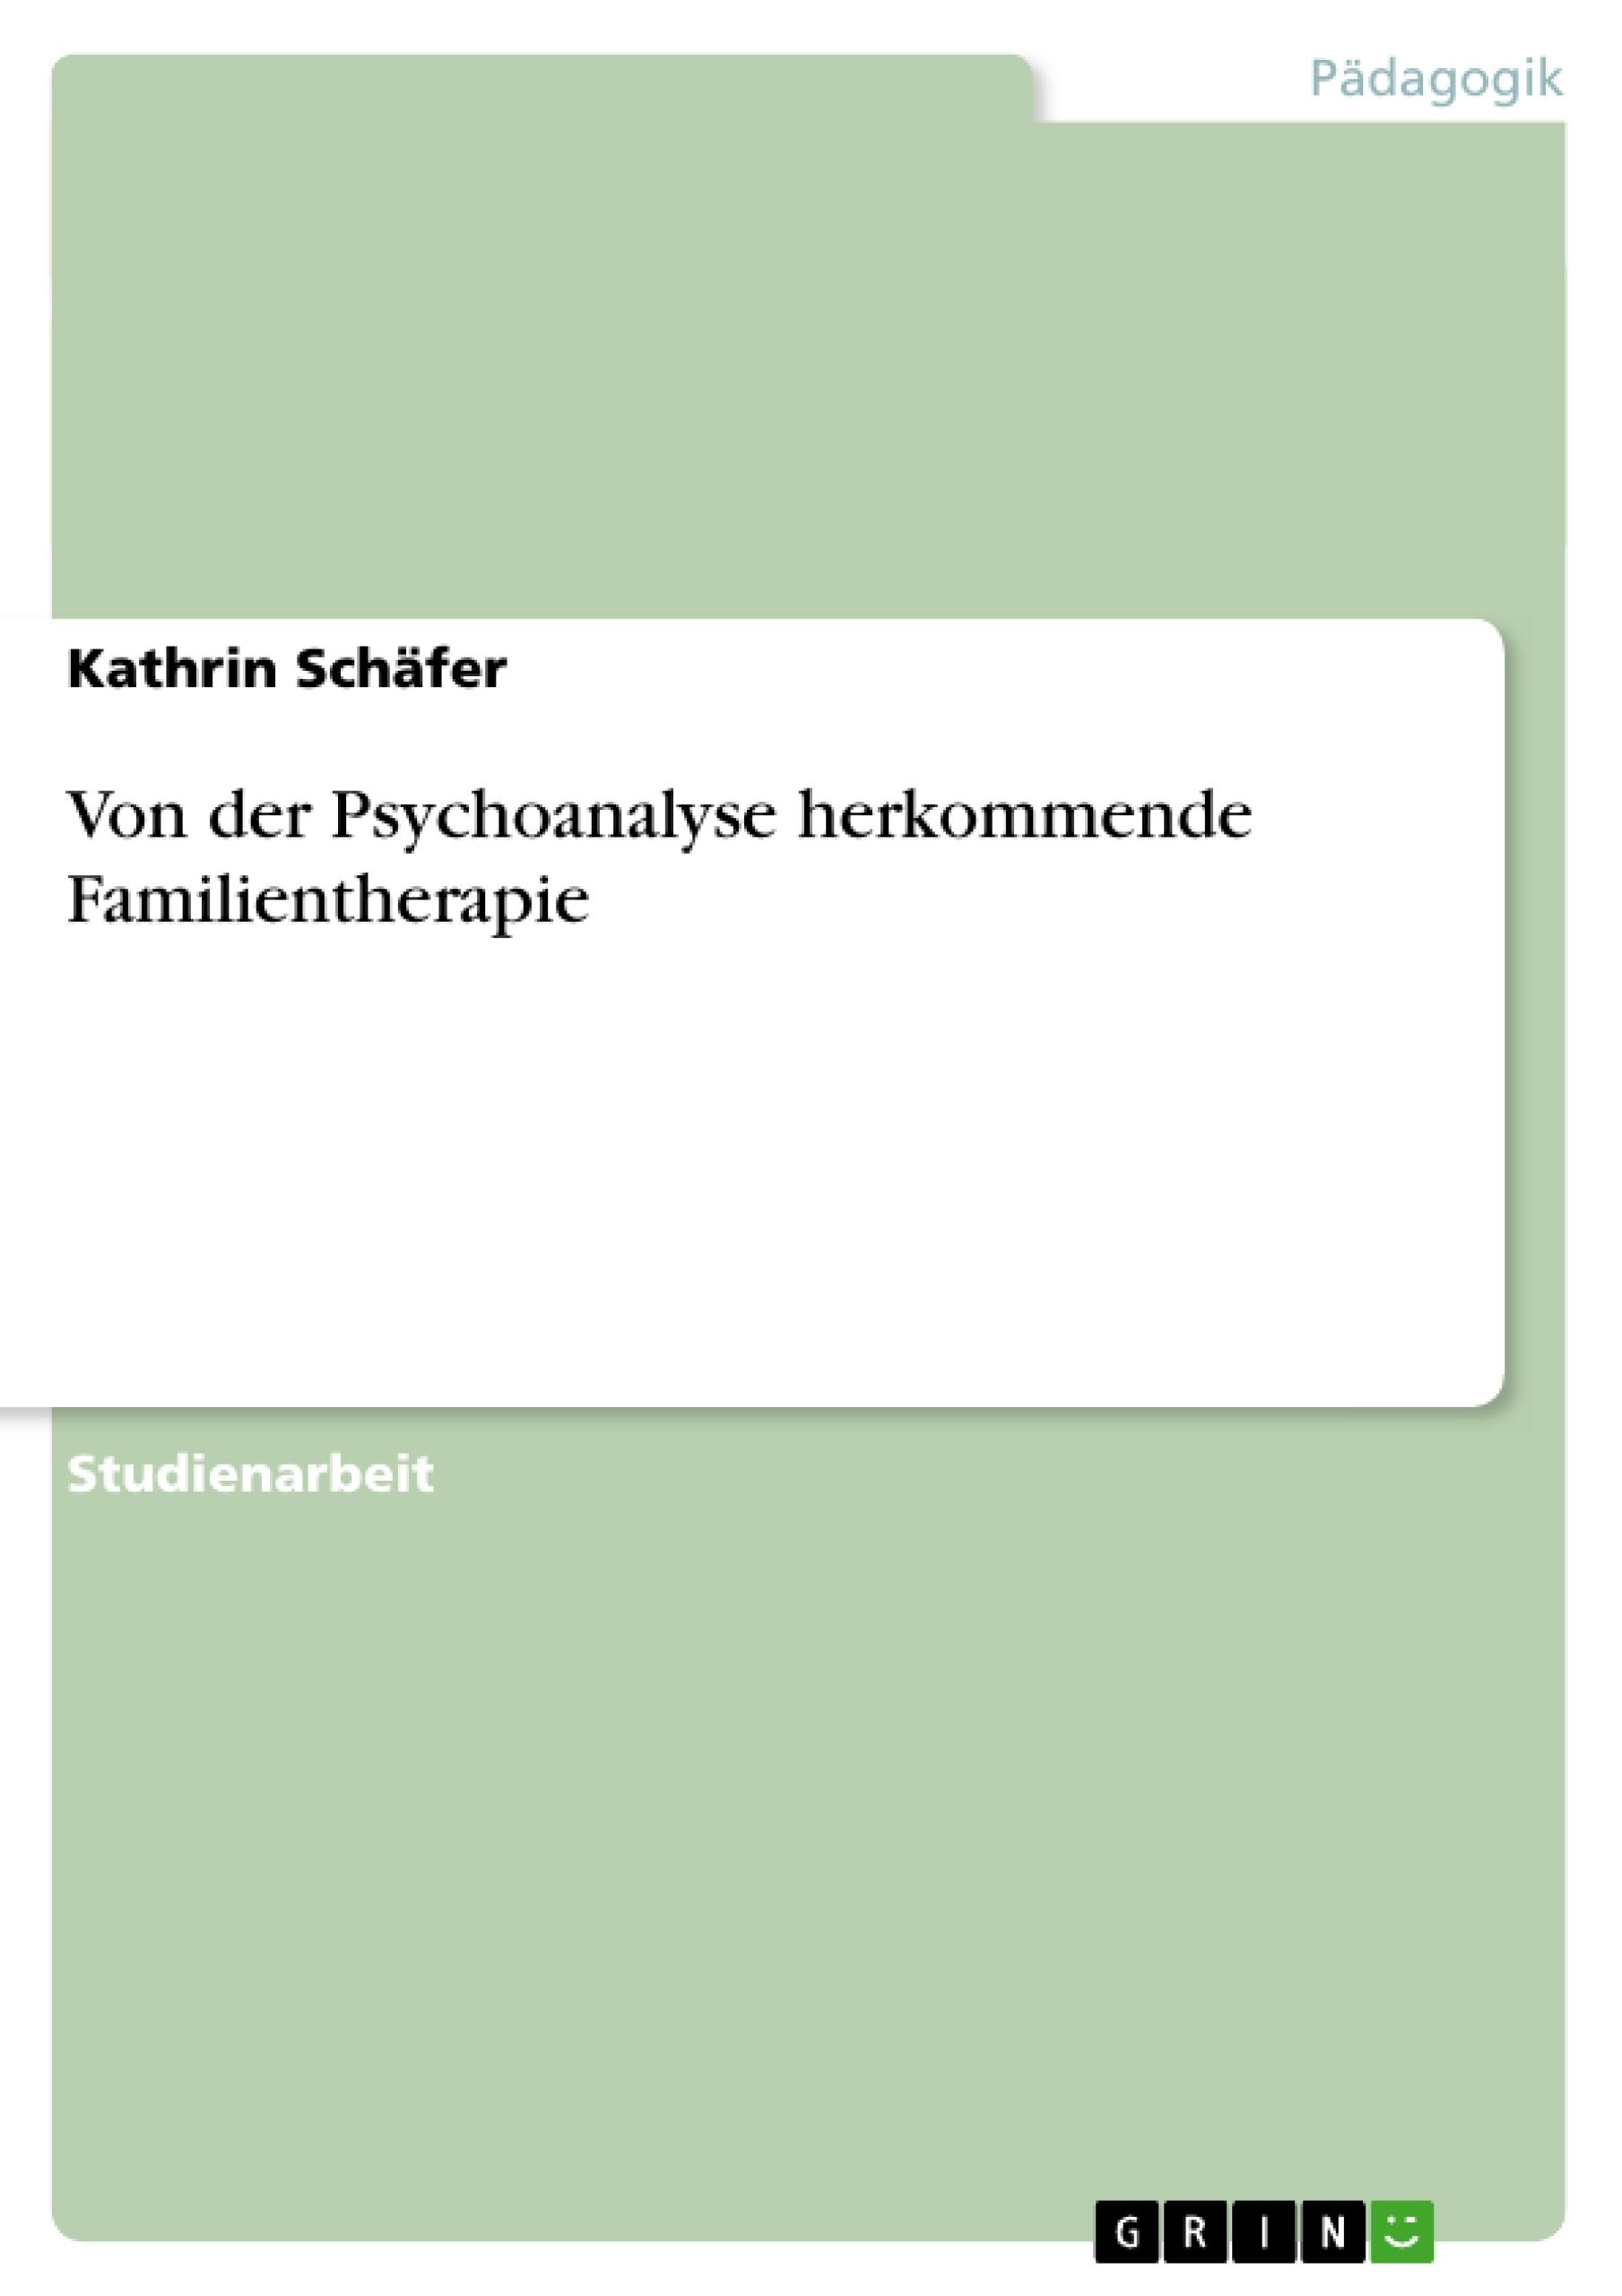 Titel: Von der Psychoanalyse herkommende Familientherapie